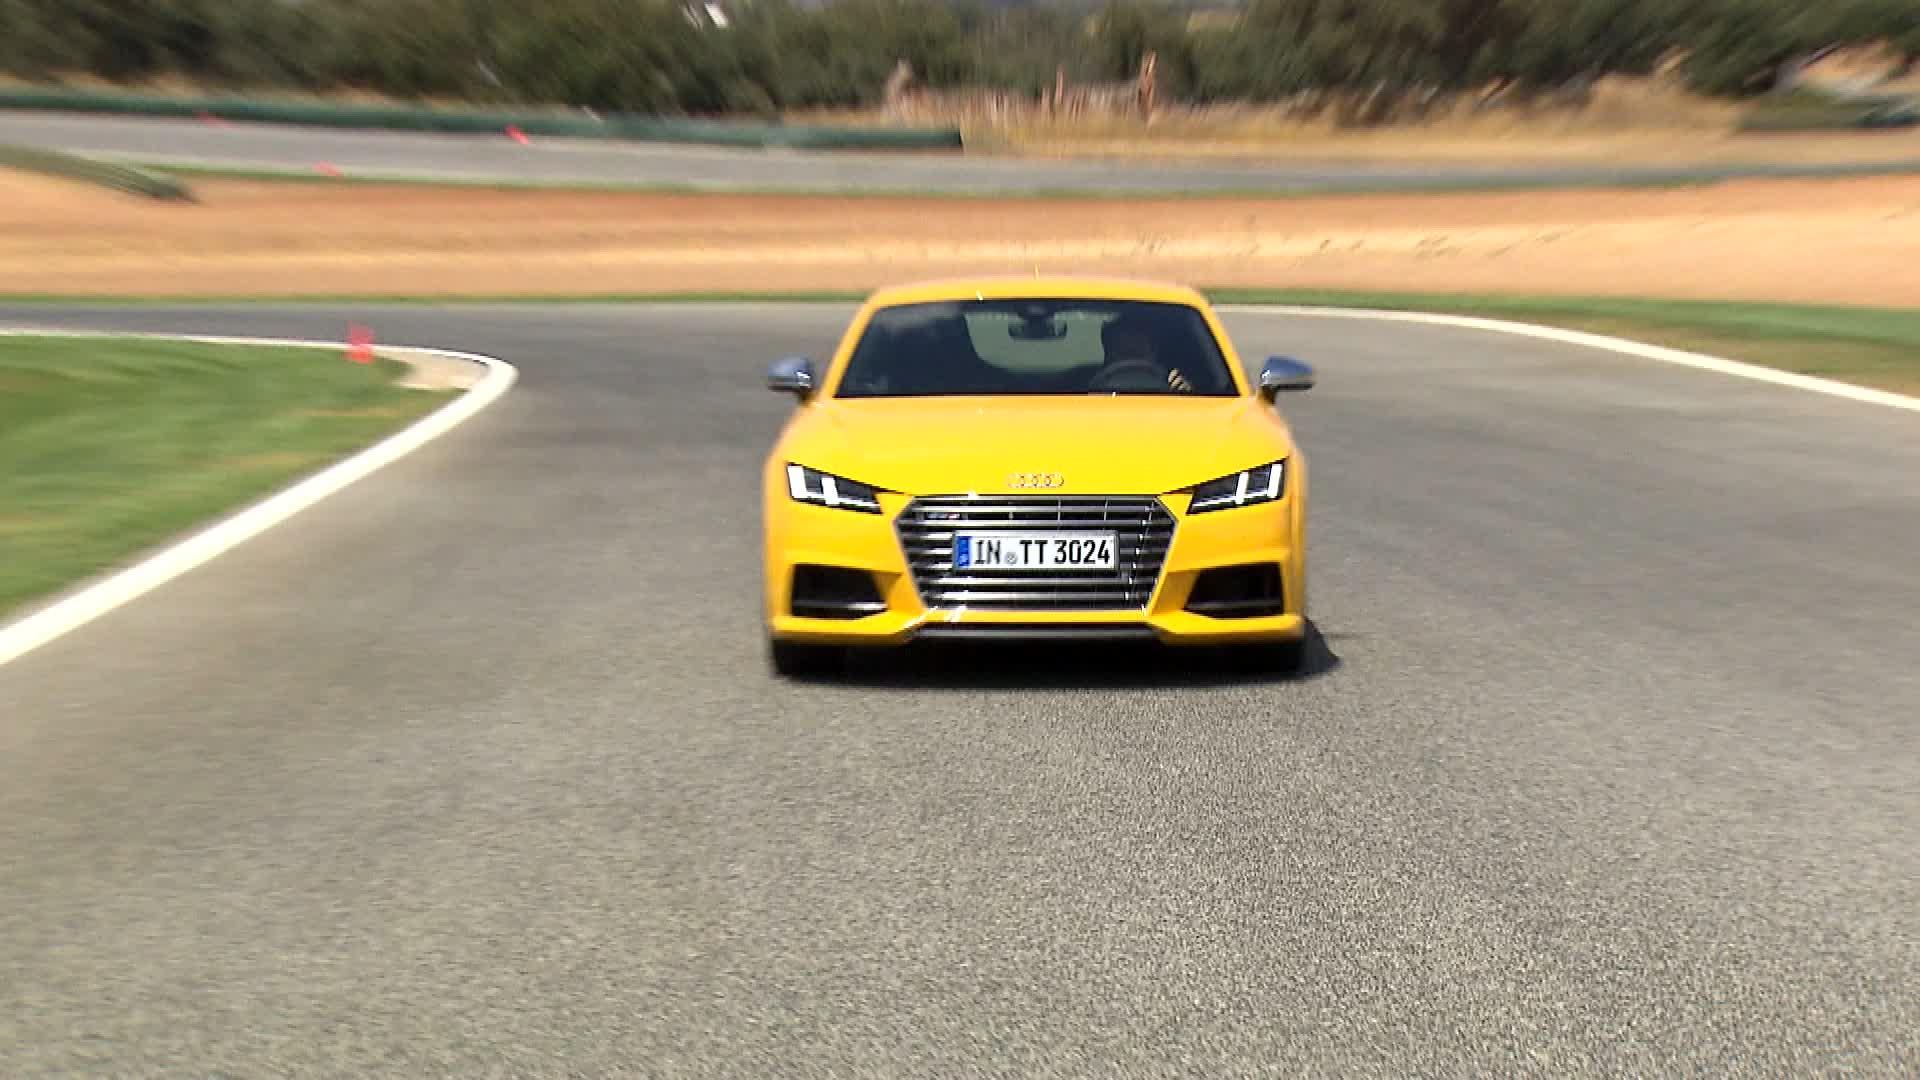 Audi TT Coupé und Audi TTS Coupé